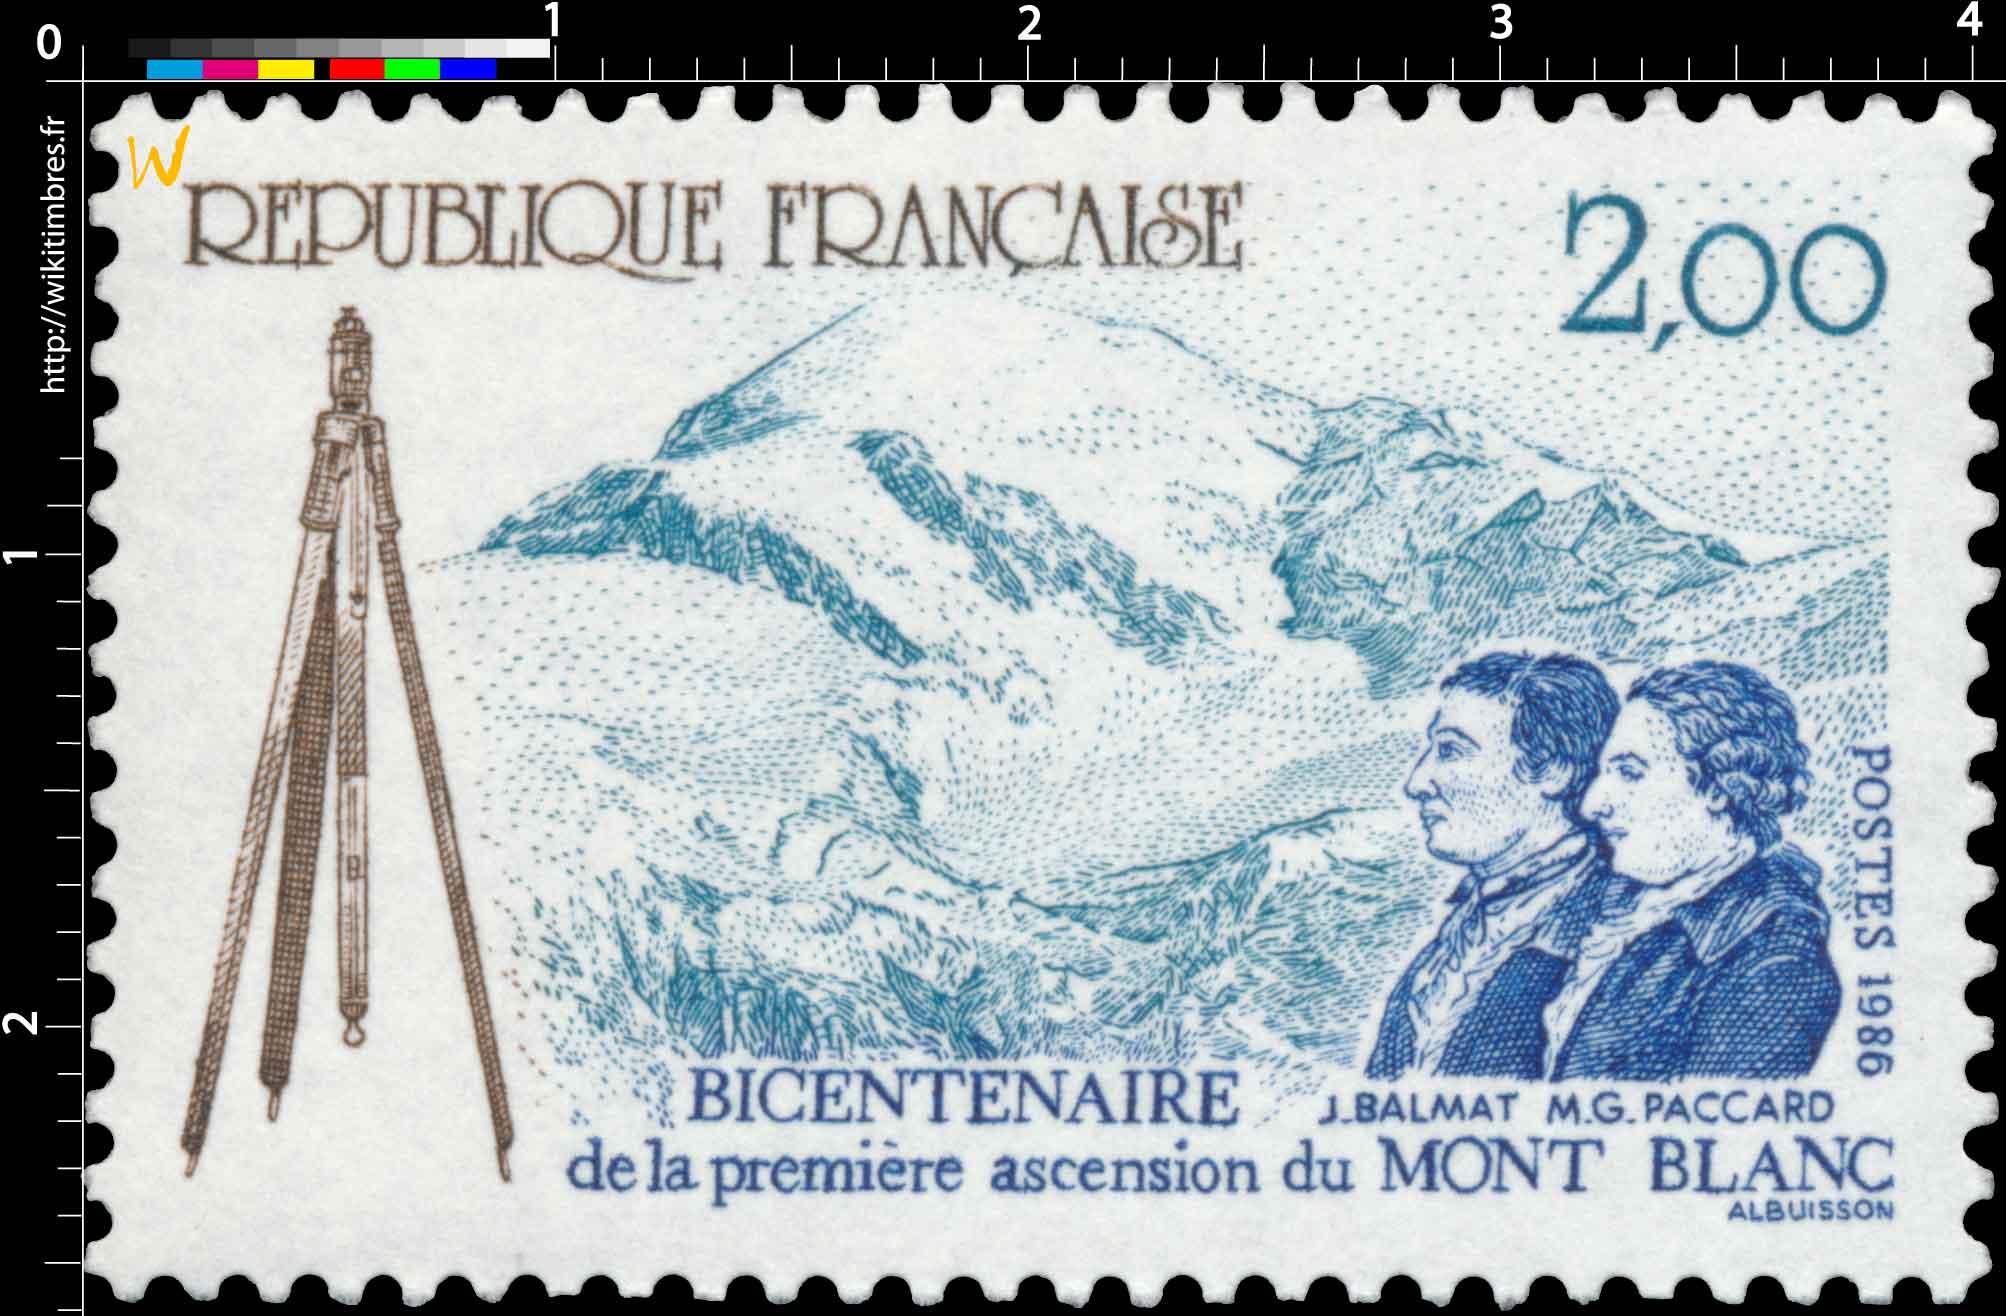 1986 BICENTENAIRE de la première ascension du MONT BLANC J. BALMAT M. G. PACCARD